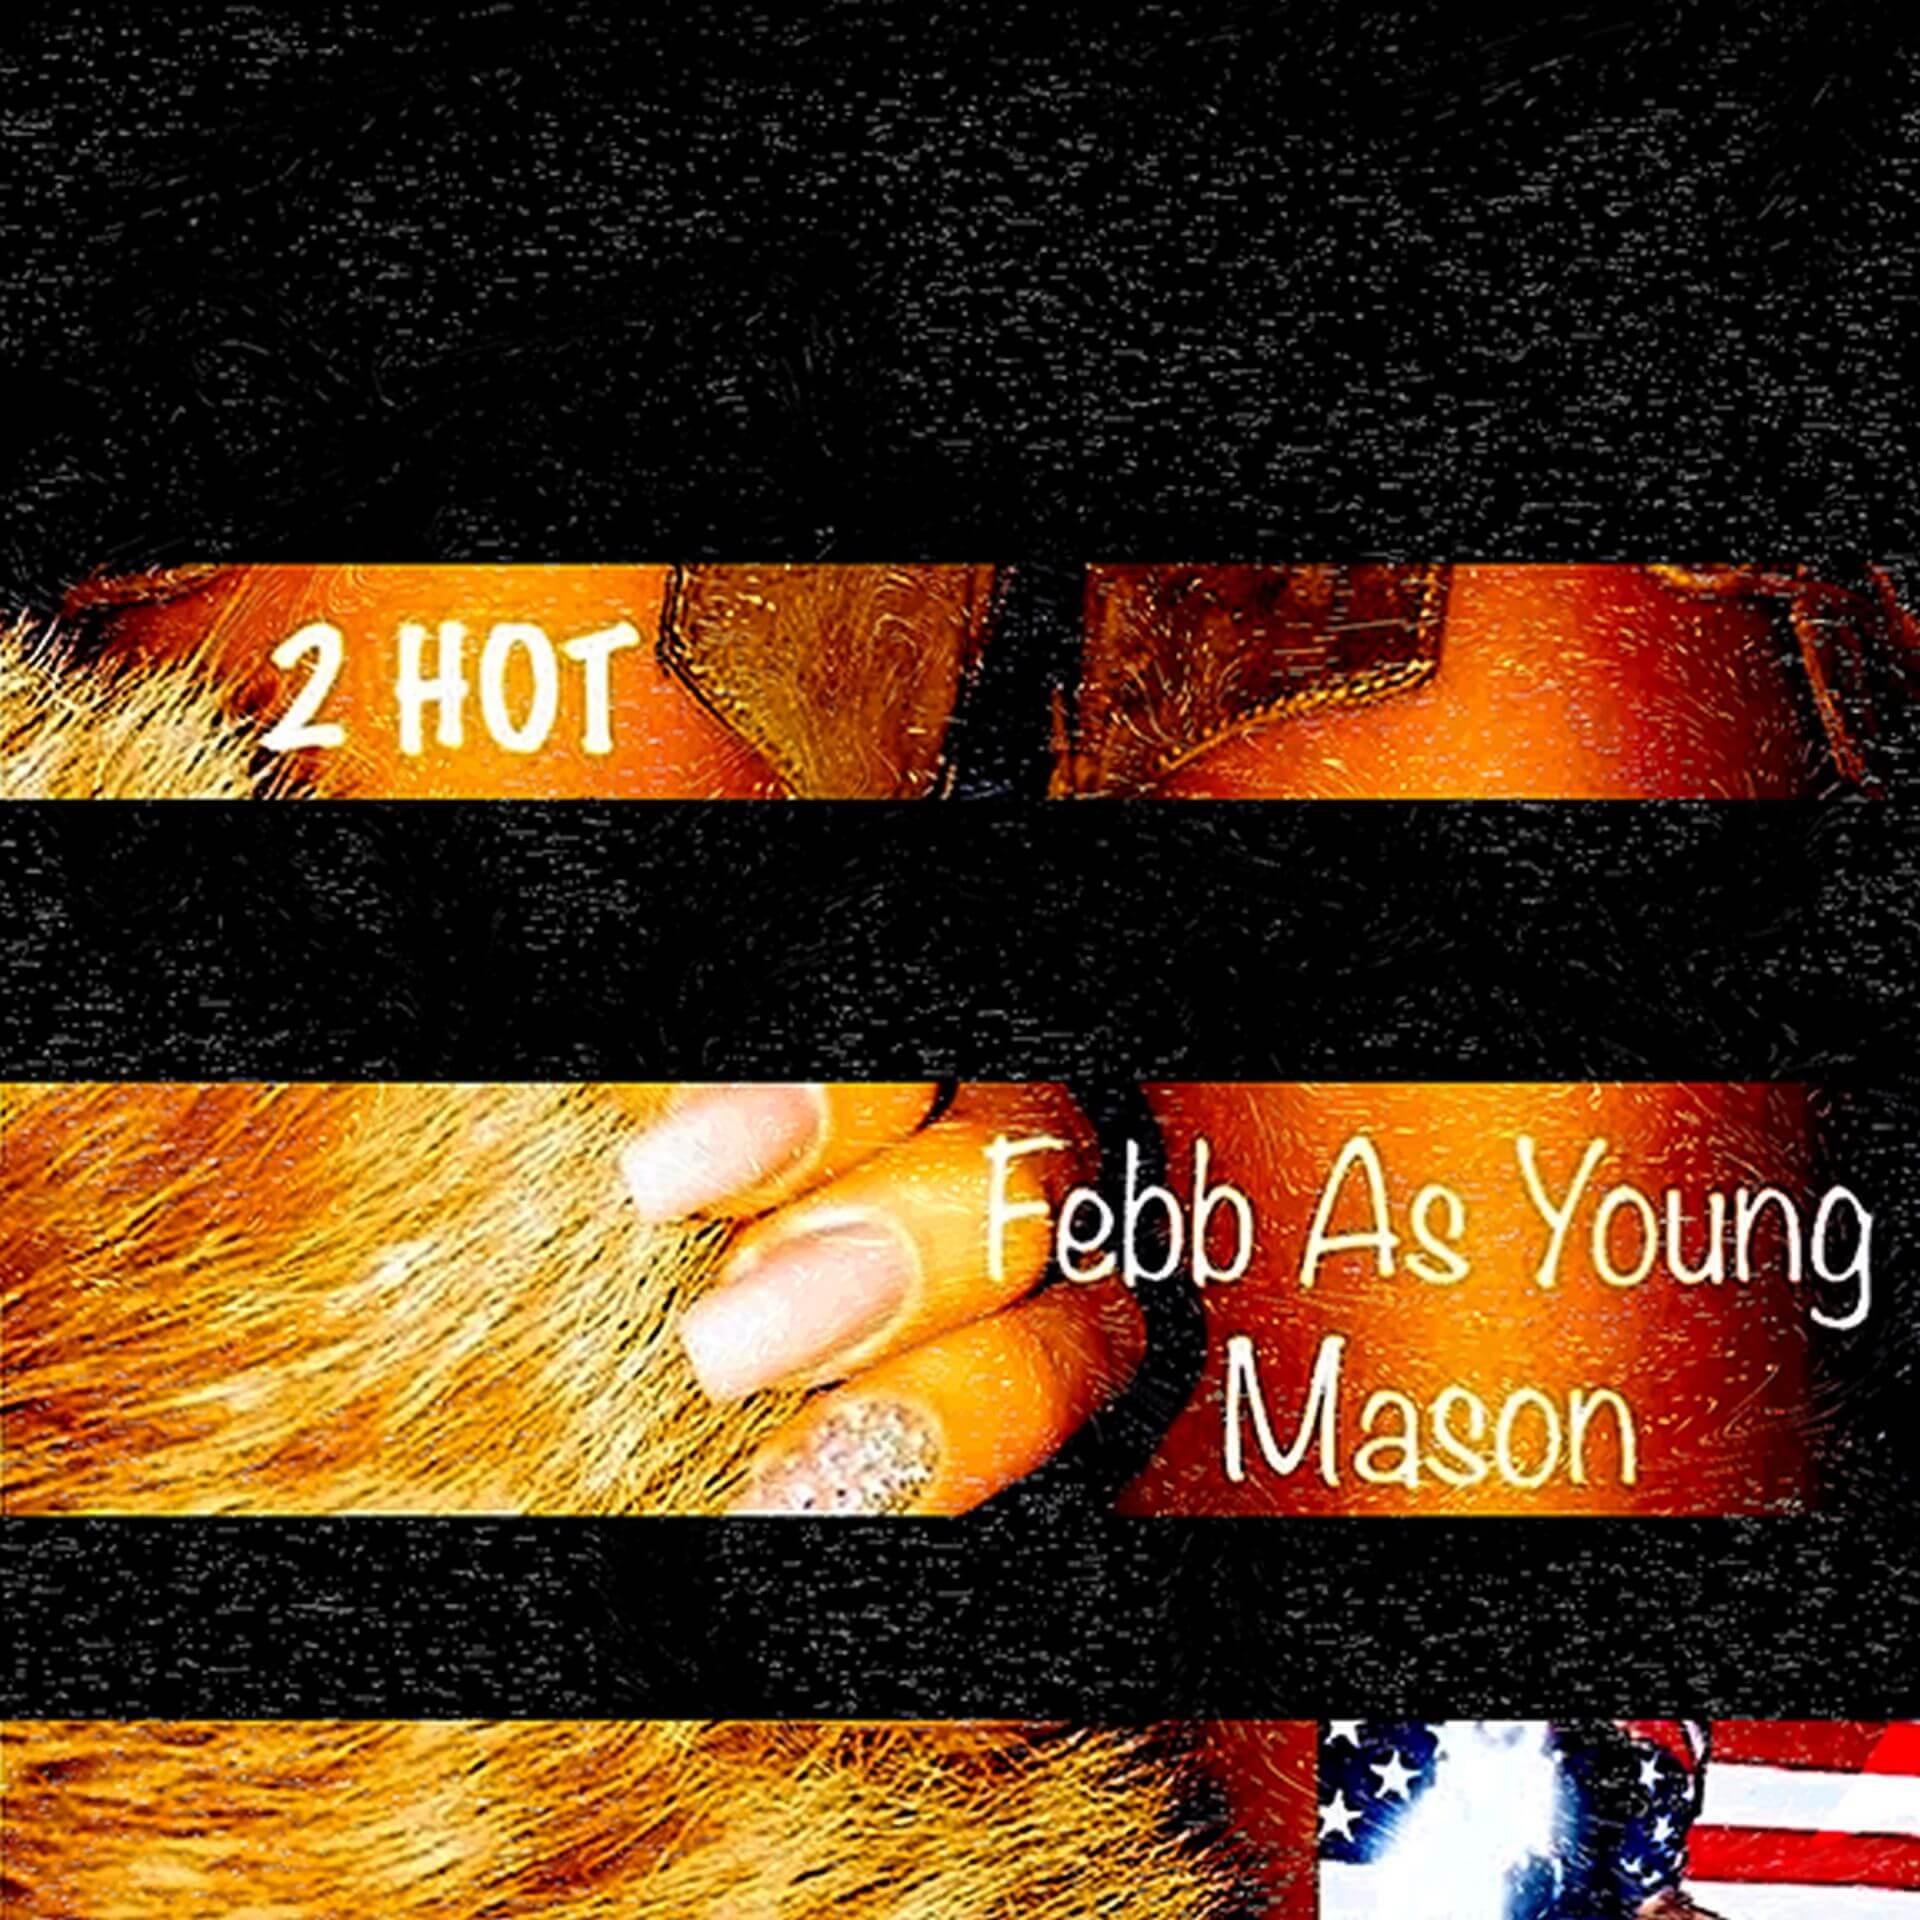 FEBBの未発表曲3タイトルが3回忌の本日リリース|THE APARTMENTからWDSoundsとのコラボTシャツも発売 music210215_febb_3